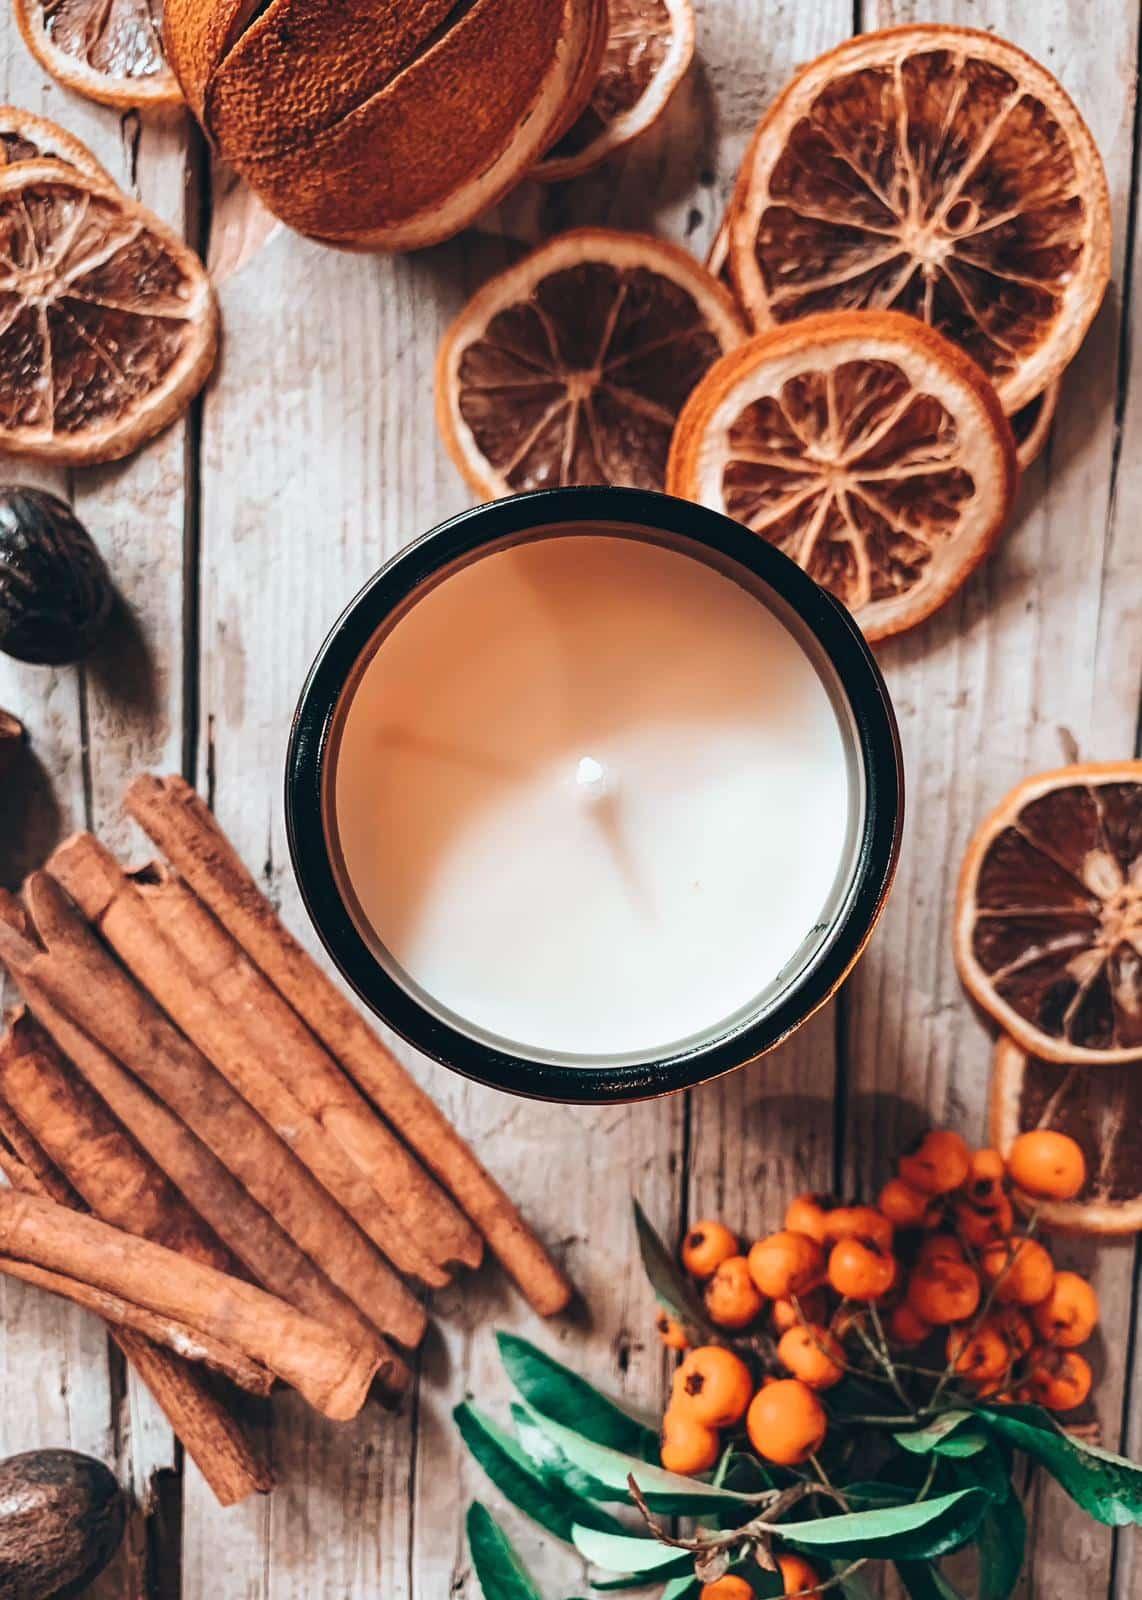 Arancia e cannella fragranza candela artigianale per la casa profumata di soia handmade Quello Sbagliato